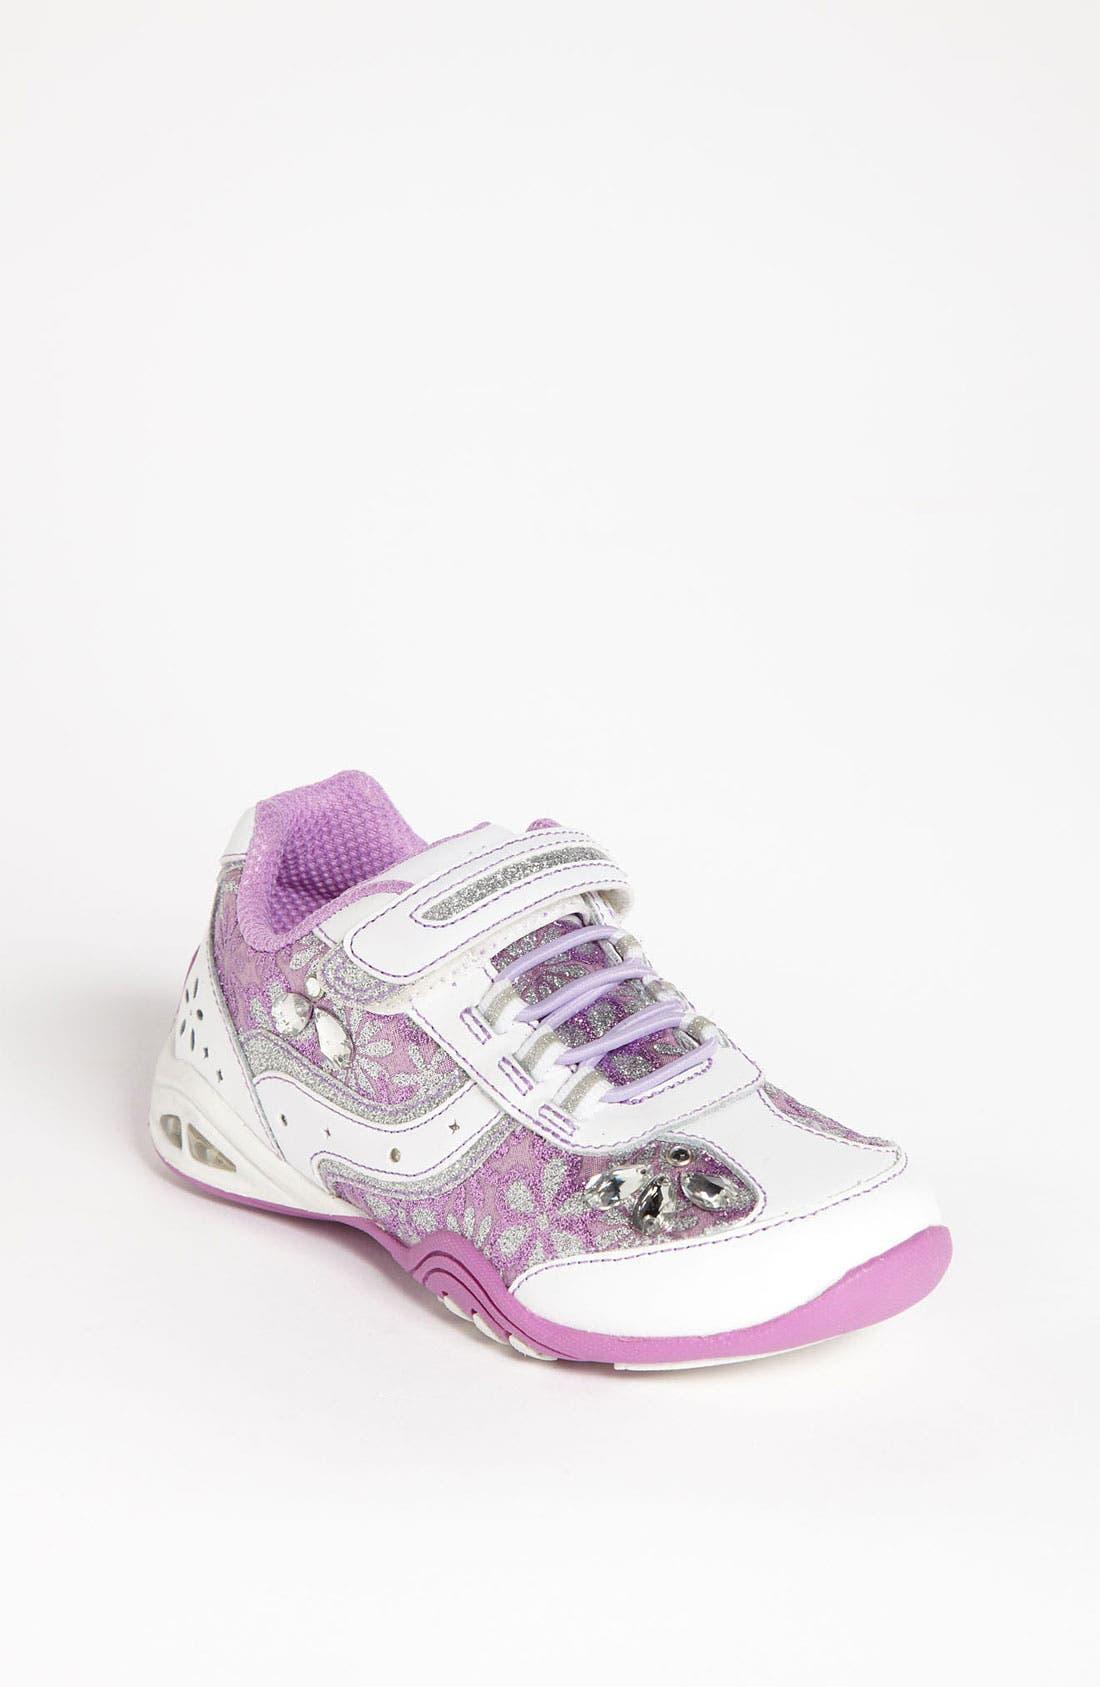 Alternate Image 1 Selected - Stride Rite 'Mona' Sneaker (Toddler & Little Kid)